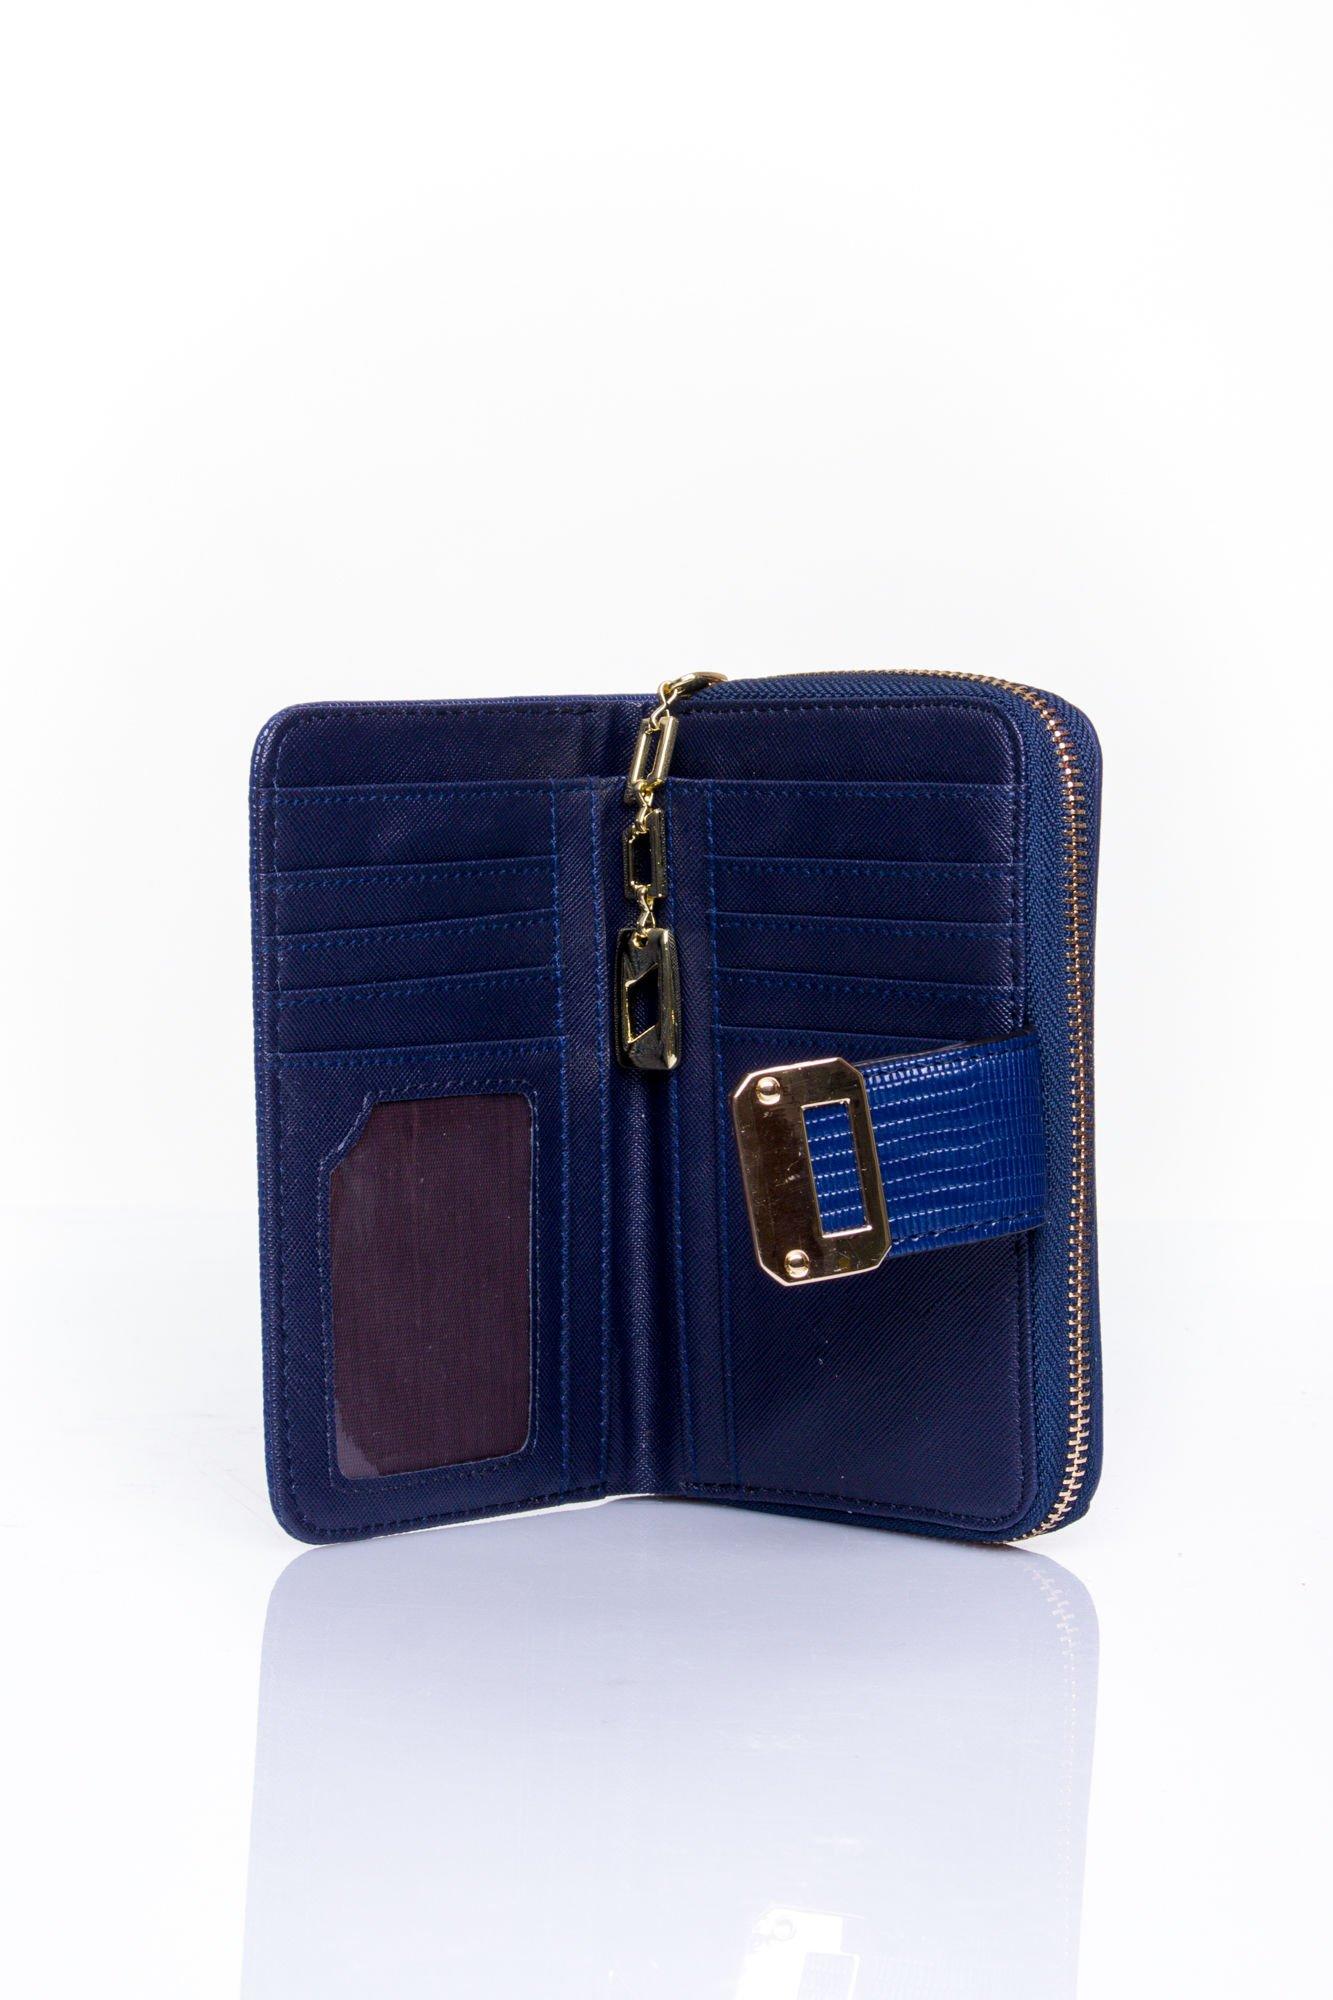 Granatowy portfel z ozdobną złotą klamrą                                  zdj.                                  4